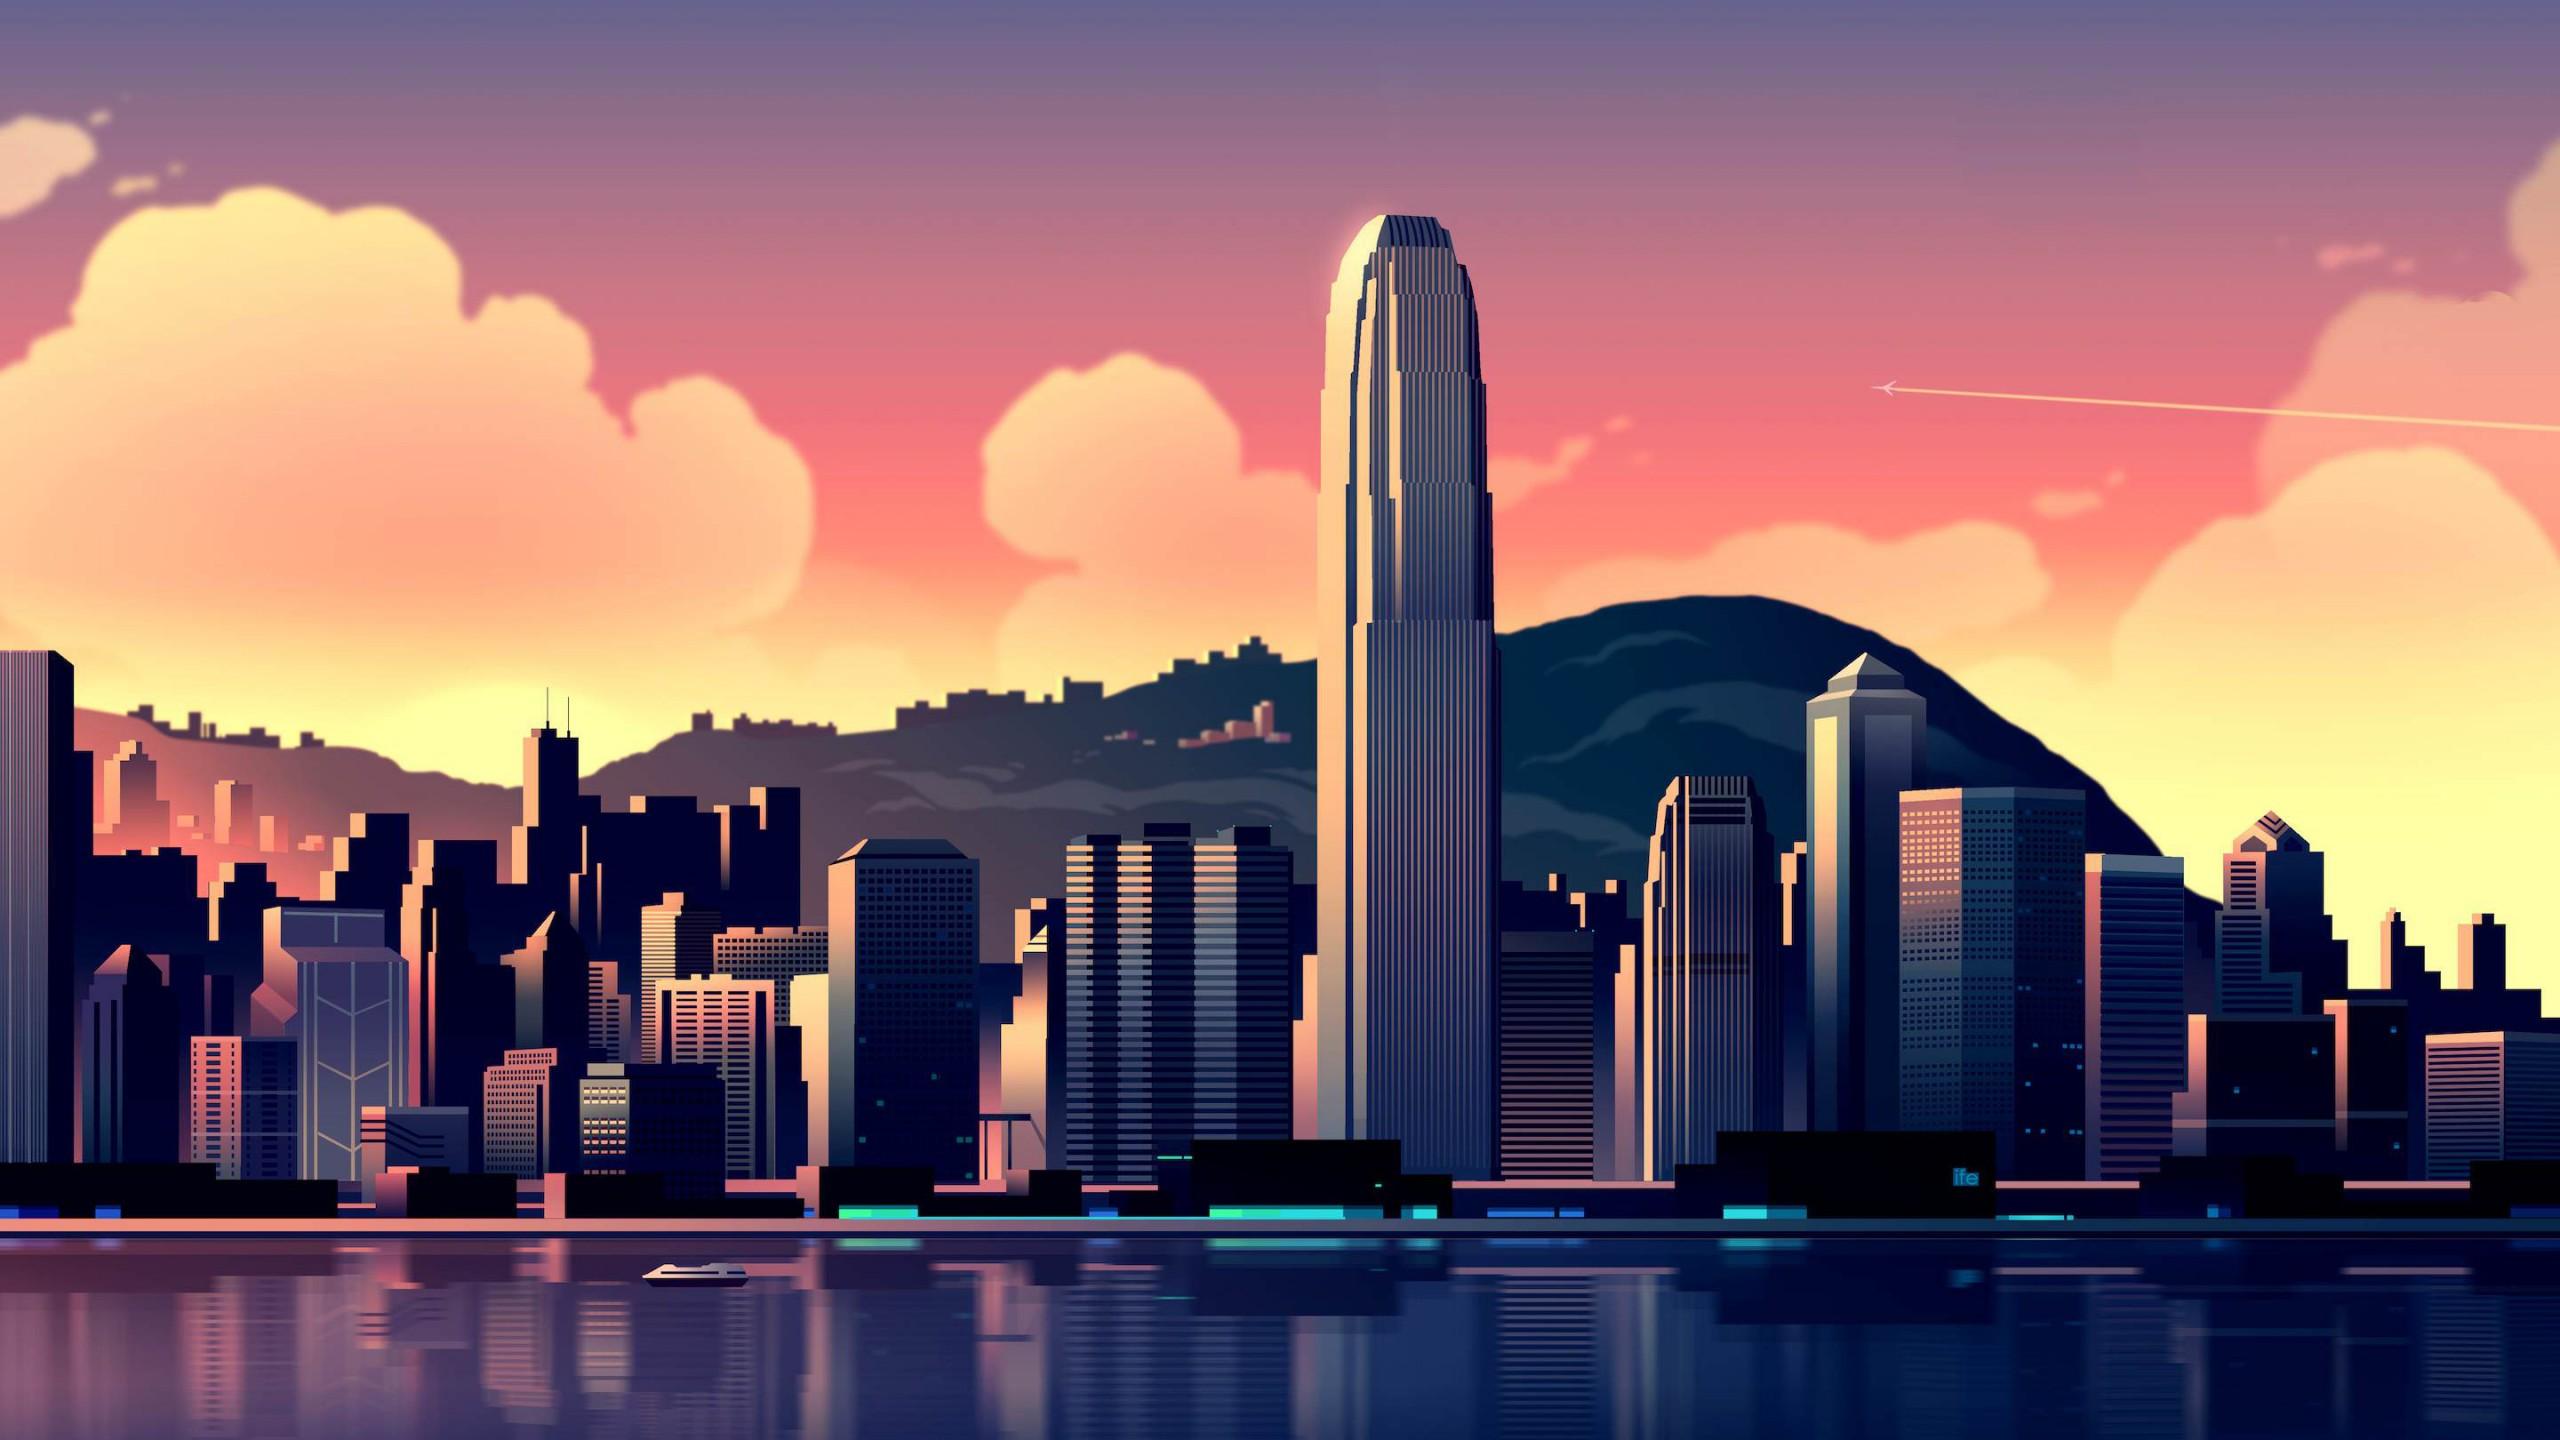 Hong Kong Iphone X Wallpaper International Finance Centre Hong Kong Wallpapers Hd